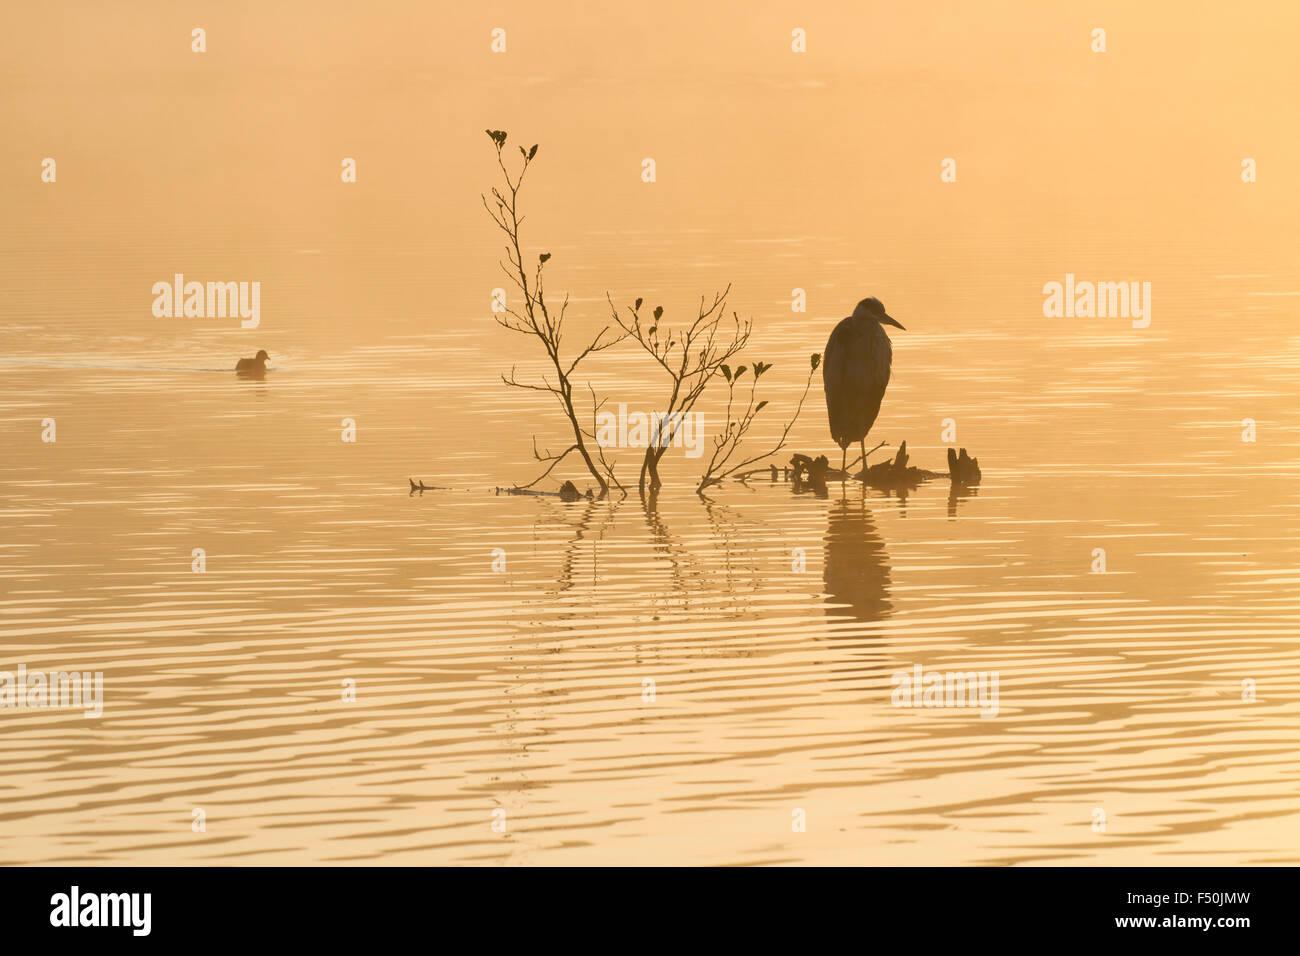 Garza real (Ardea cinerea) en una percha en el medio de un lago con una Focha Común (Fulica atra) nadando pasado Imagen De Stock